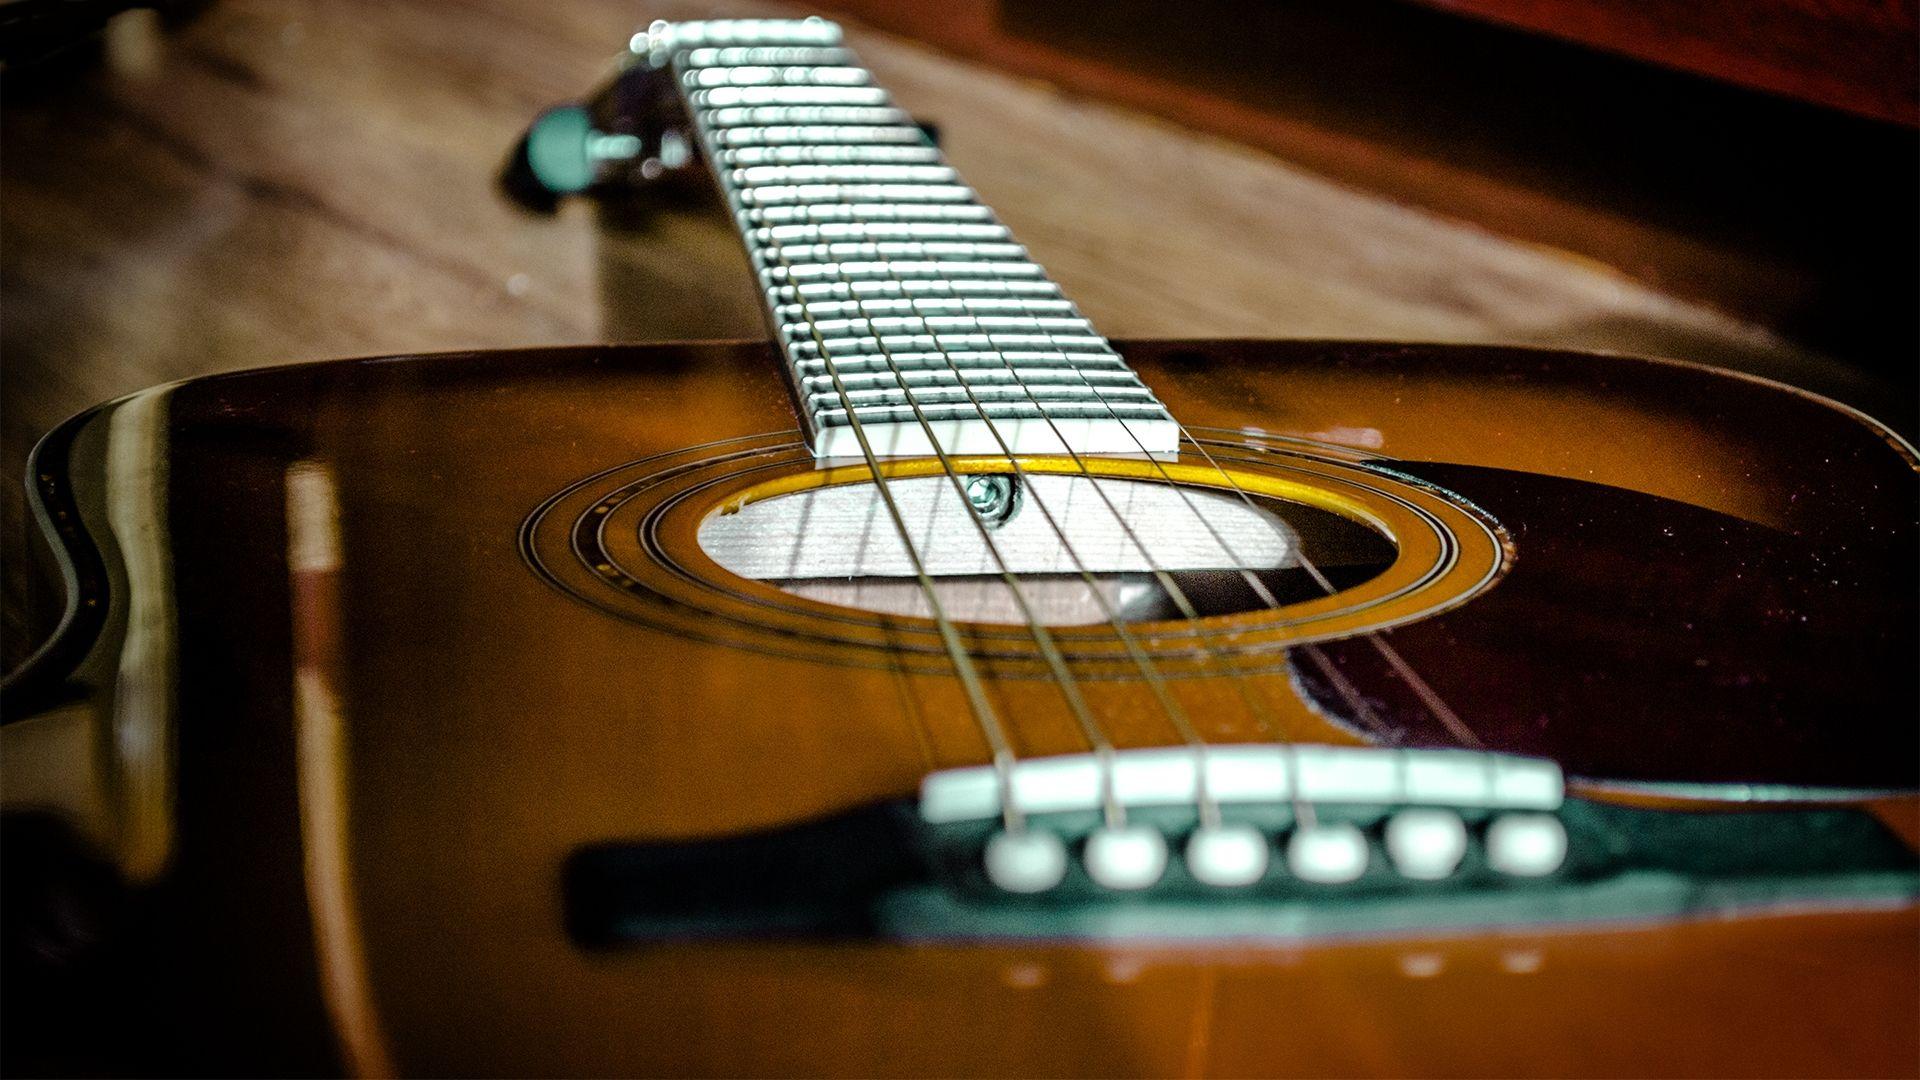 Acoustic Guitar, 1080p Wallpaper